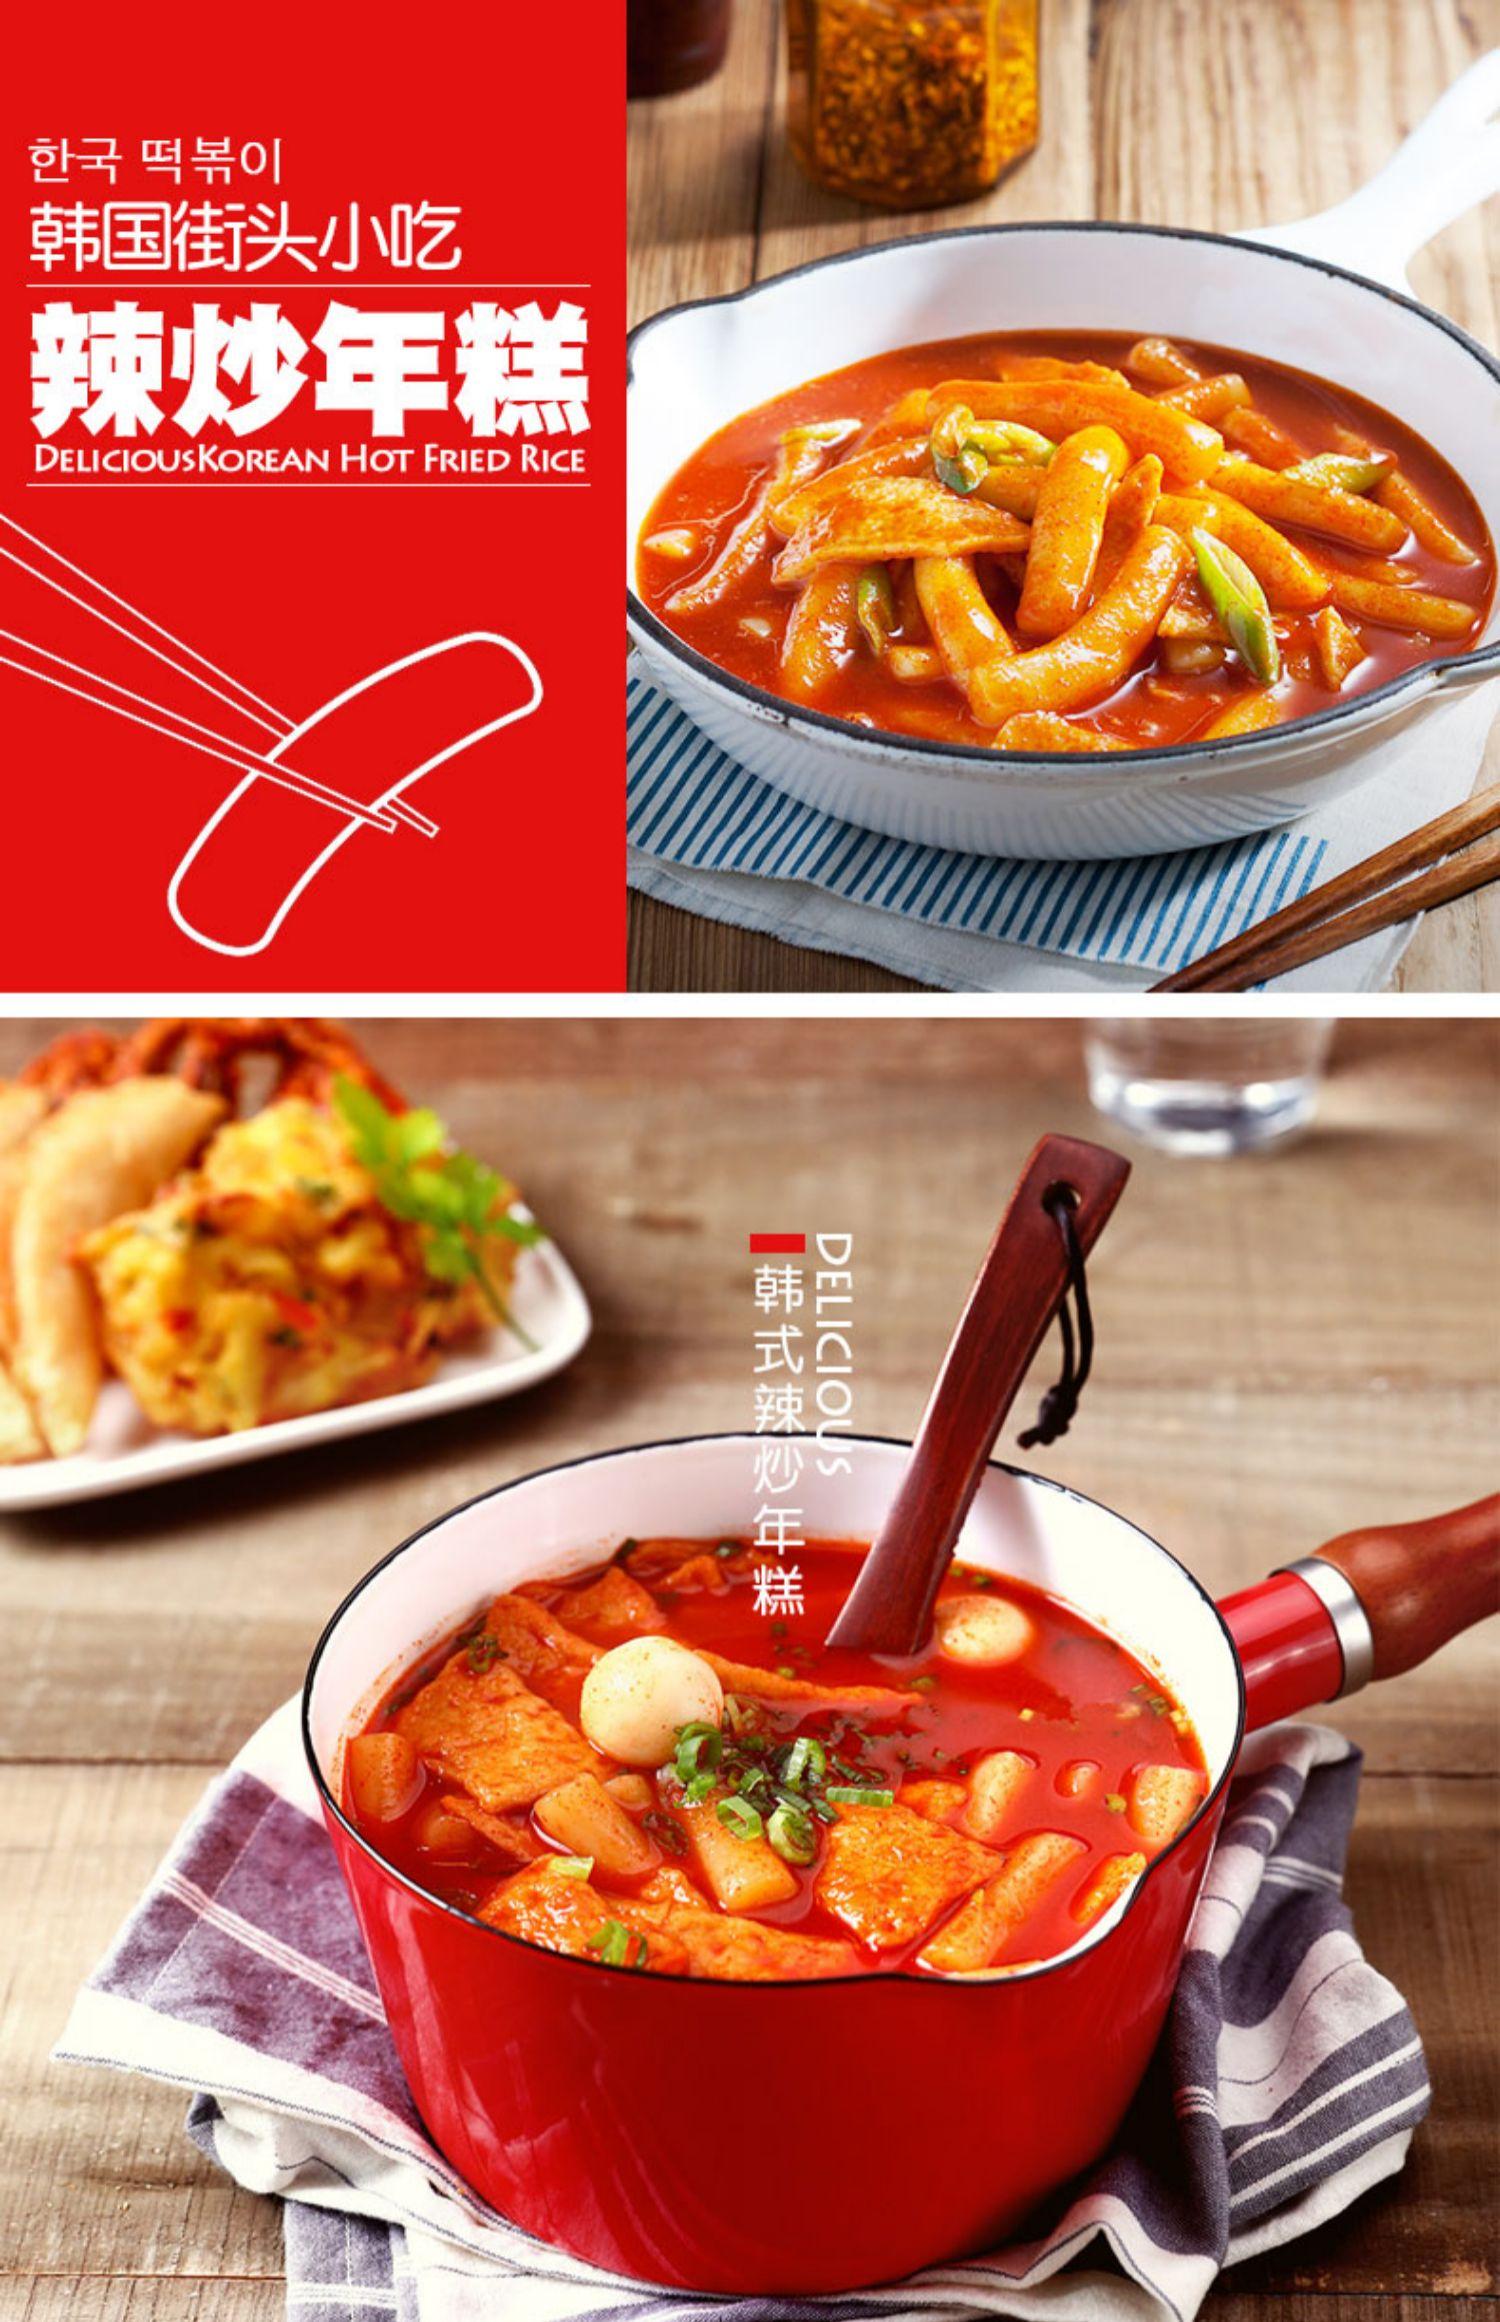 正宗韩国风味辣炒年糕270g*5袋 韩式炒年糕条米糕部队火锅送酱包商品详情图